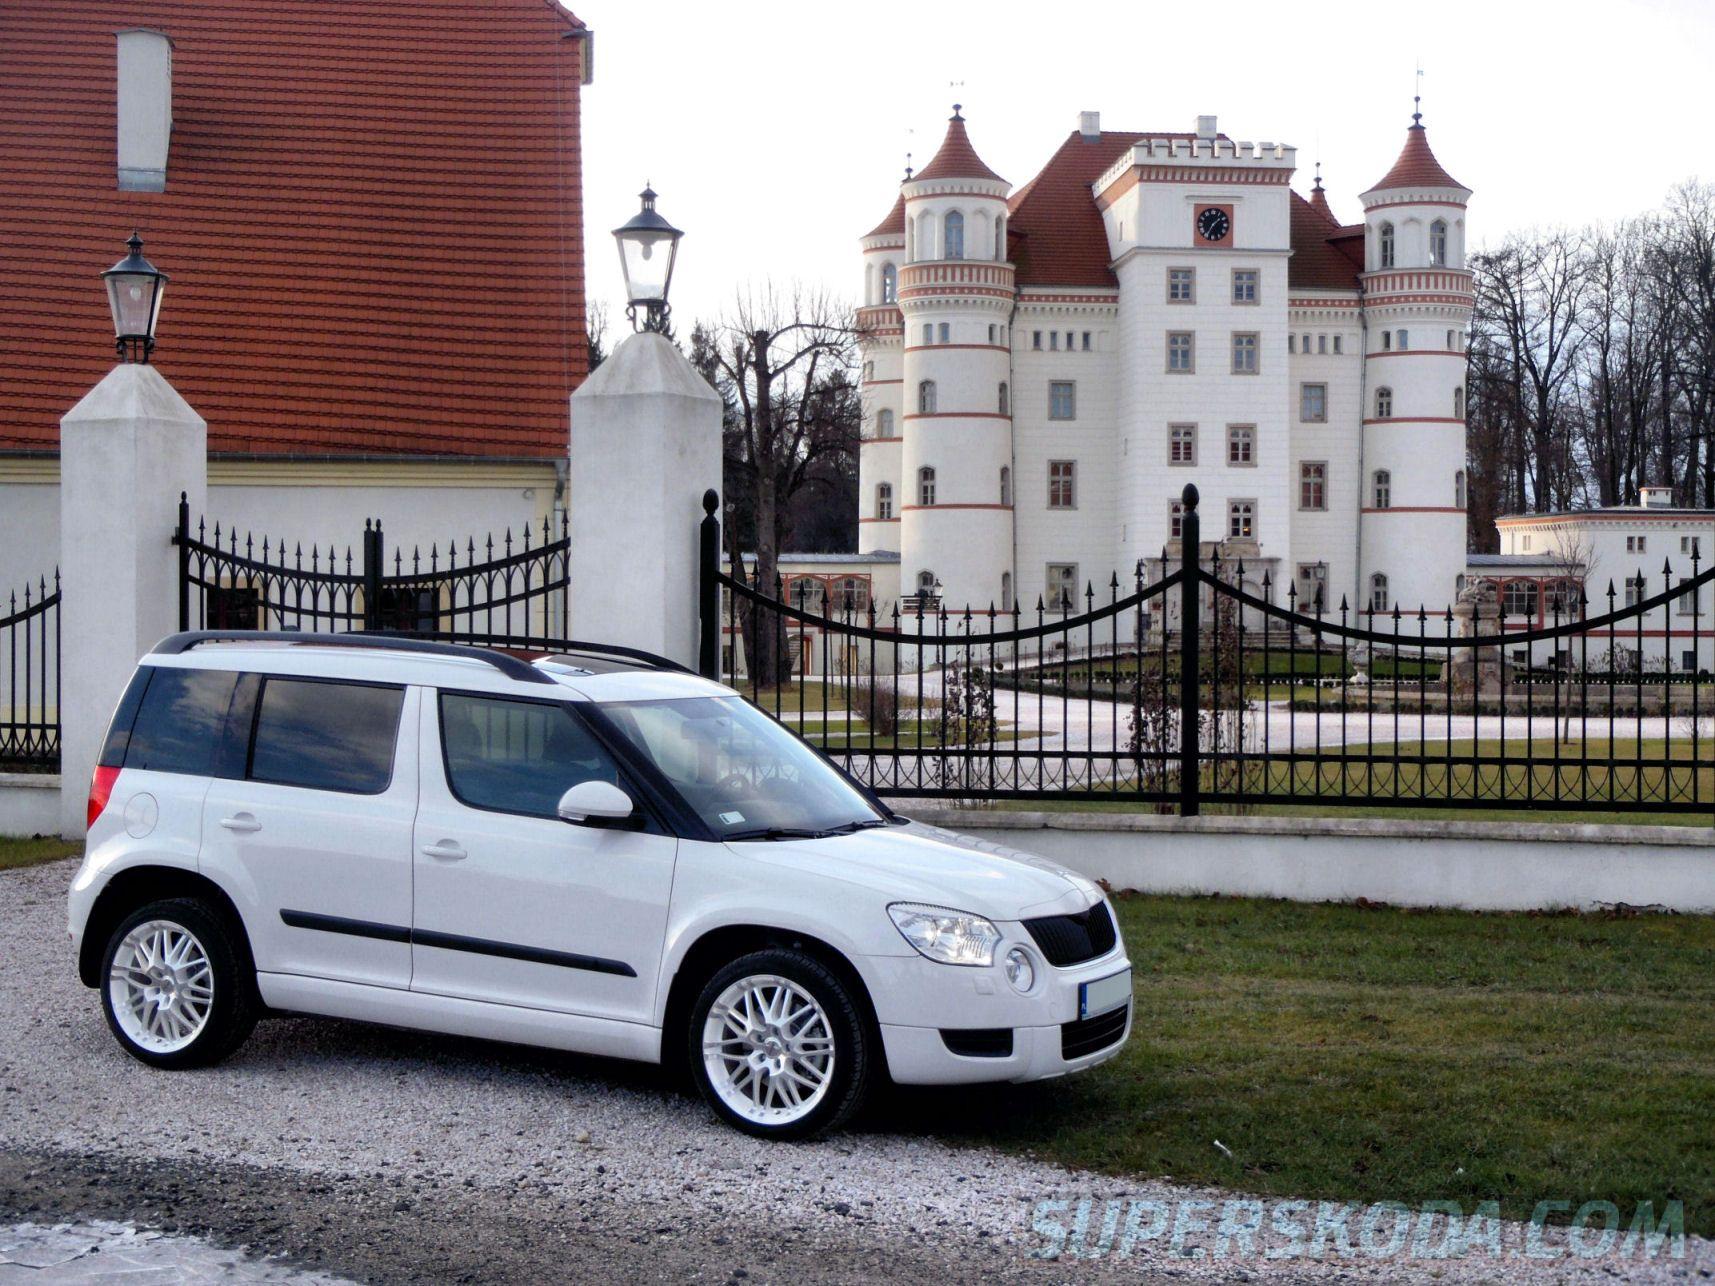 Skoda Yeti Poland Car